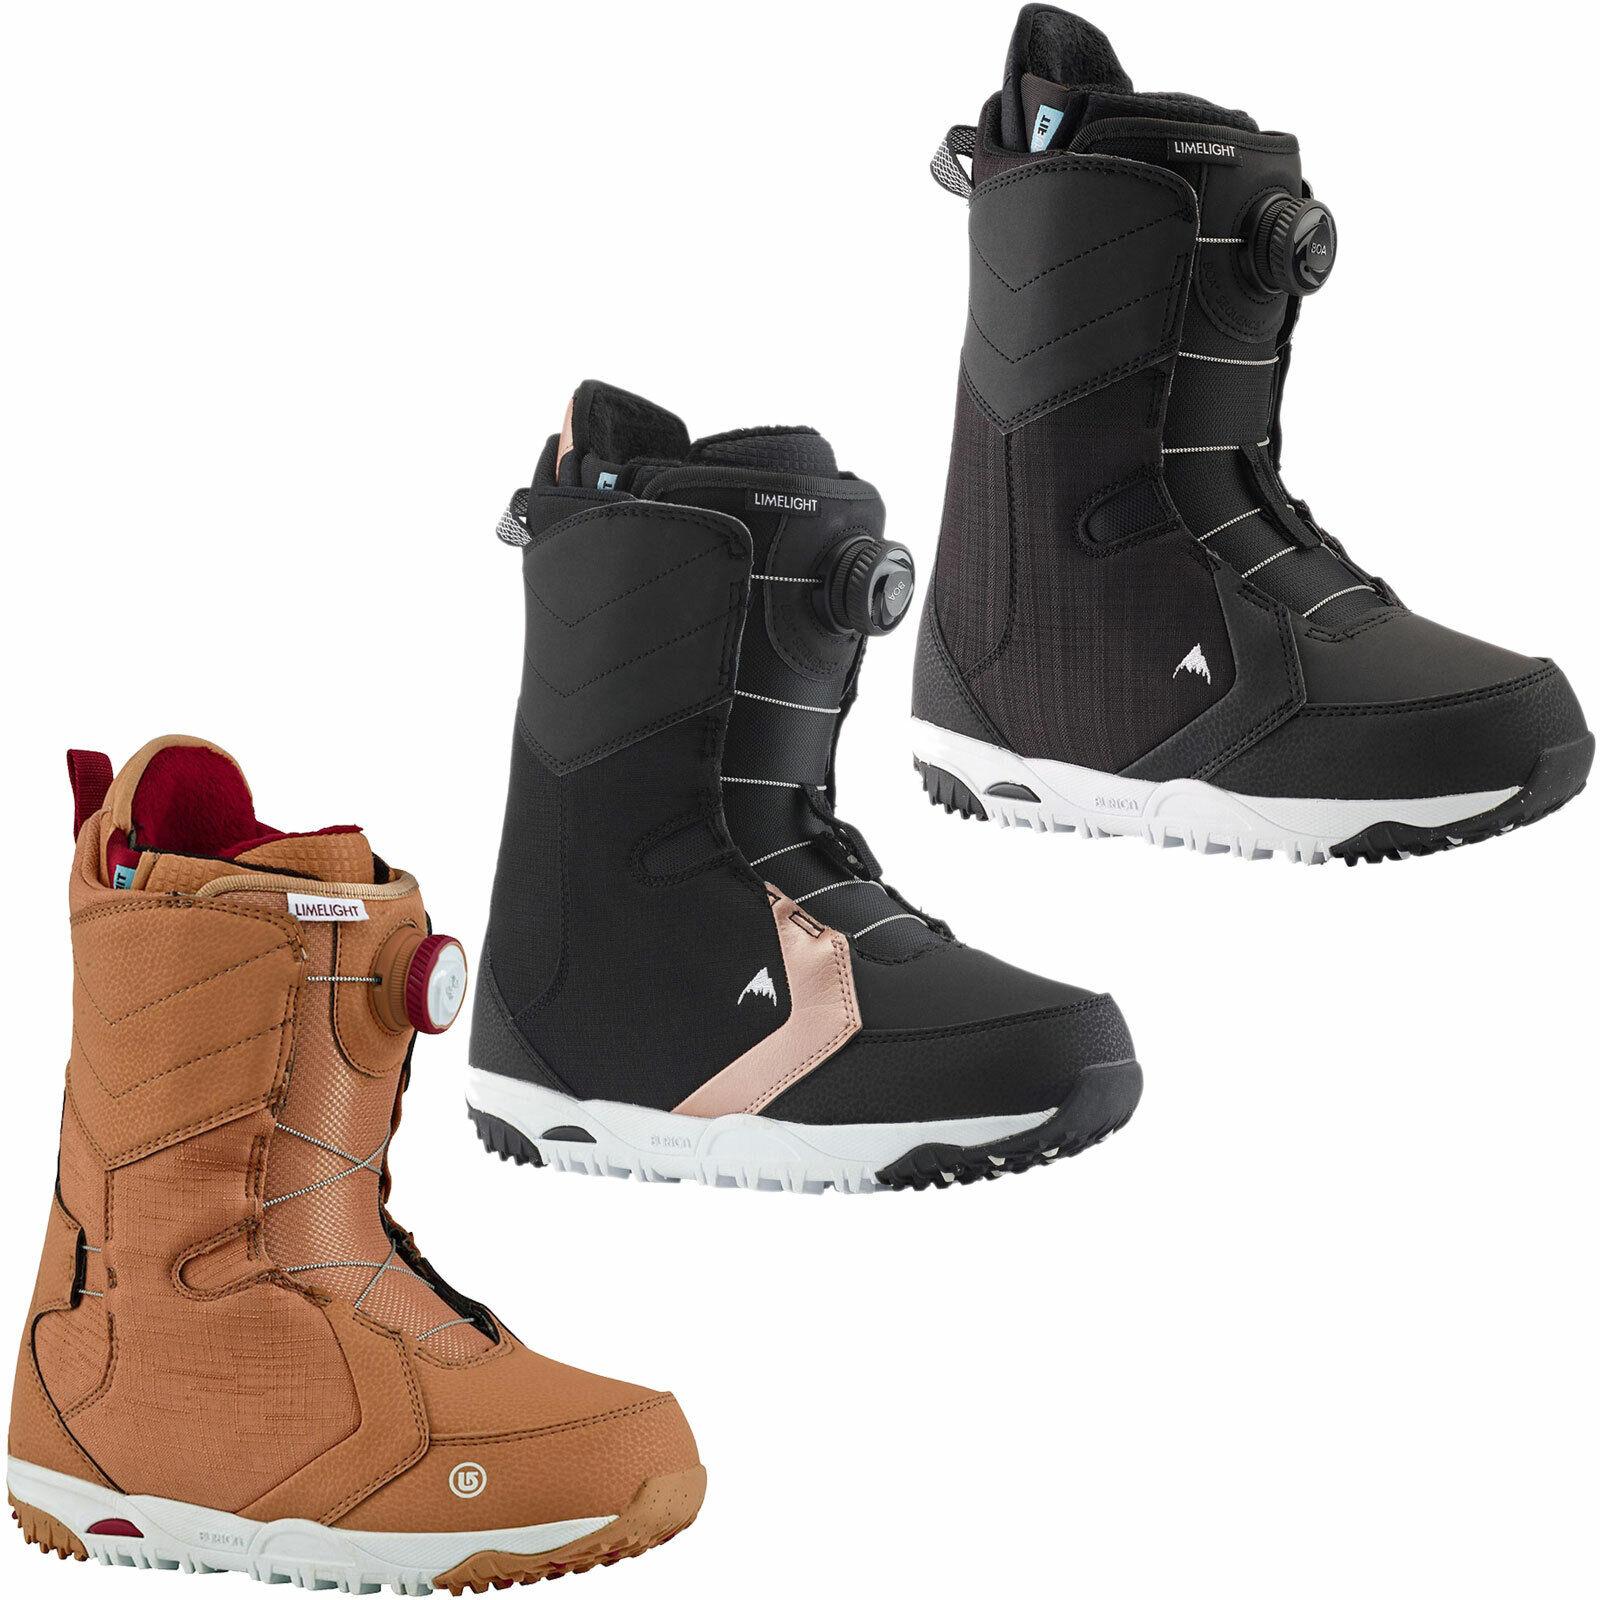 Burton LimeLicht BOA Womannen's Snowboard schoenen Snowboard laarzen sneeuwlaarzen 2018-2020